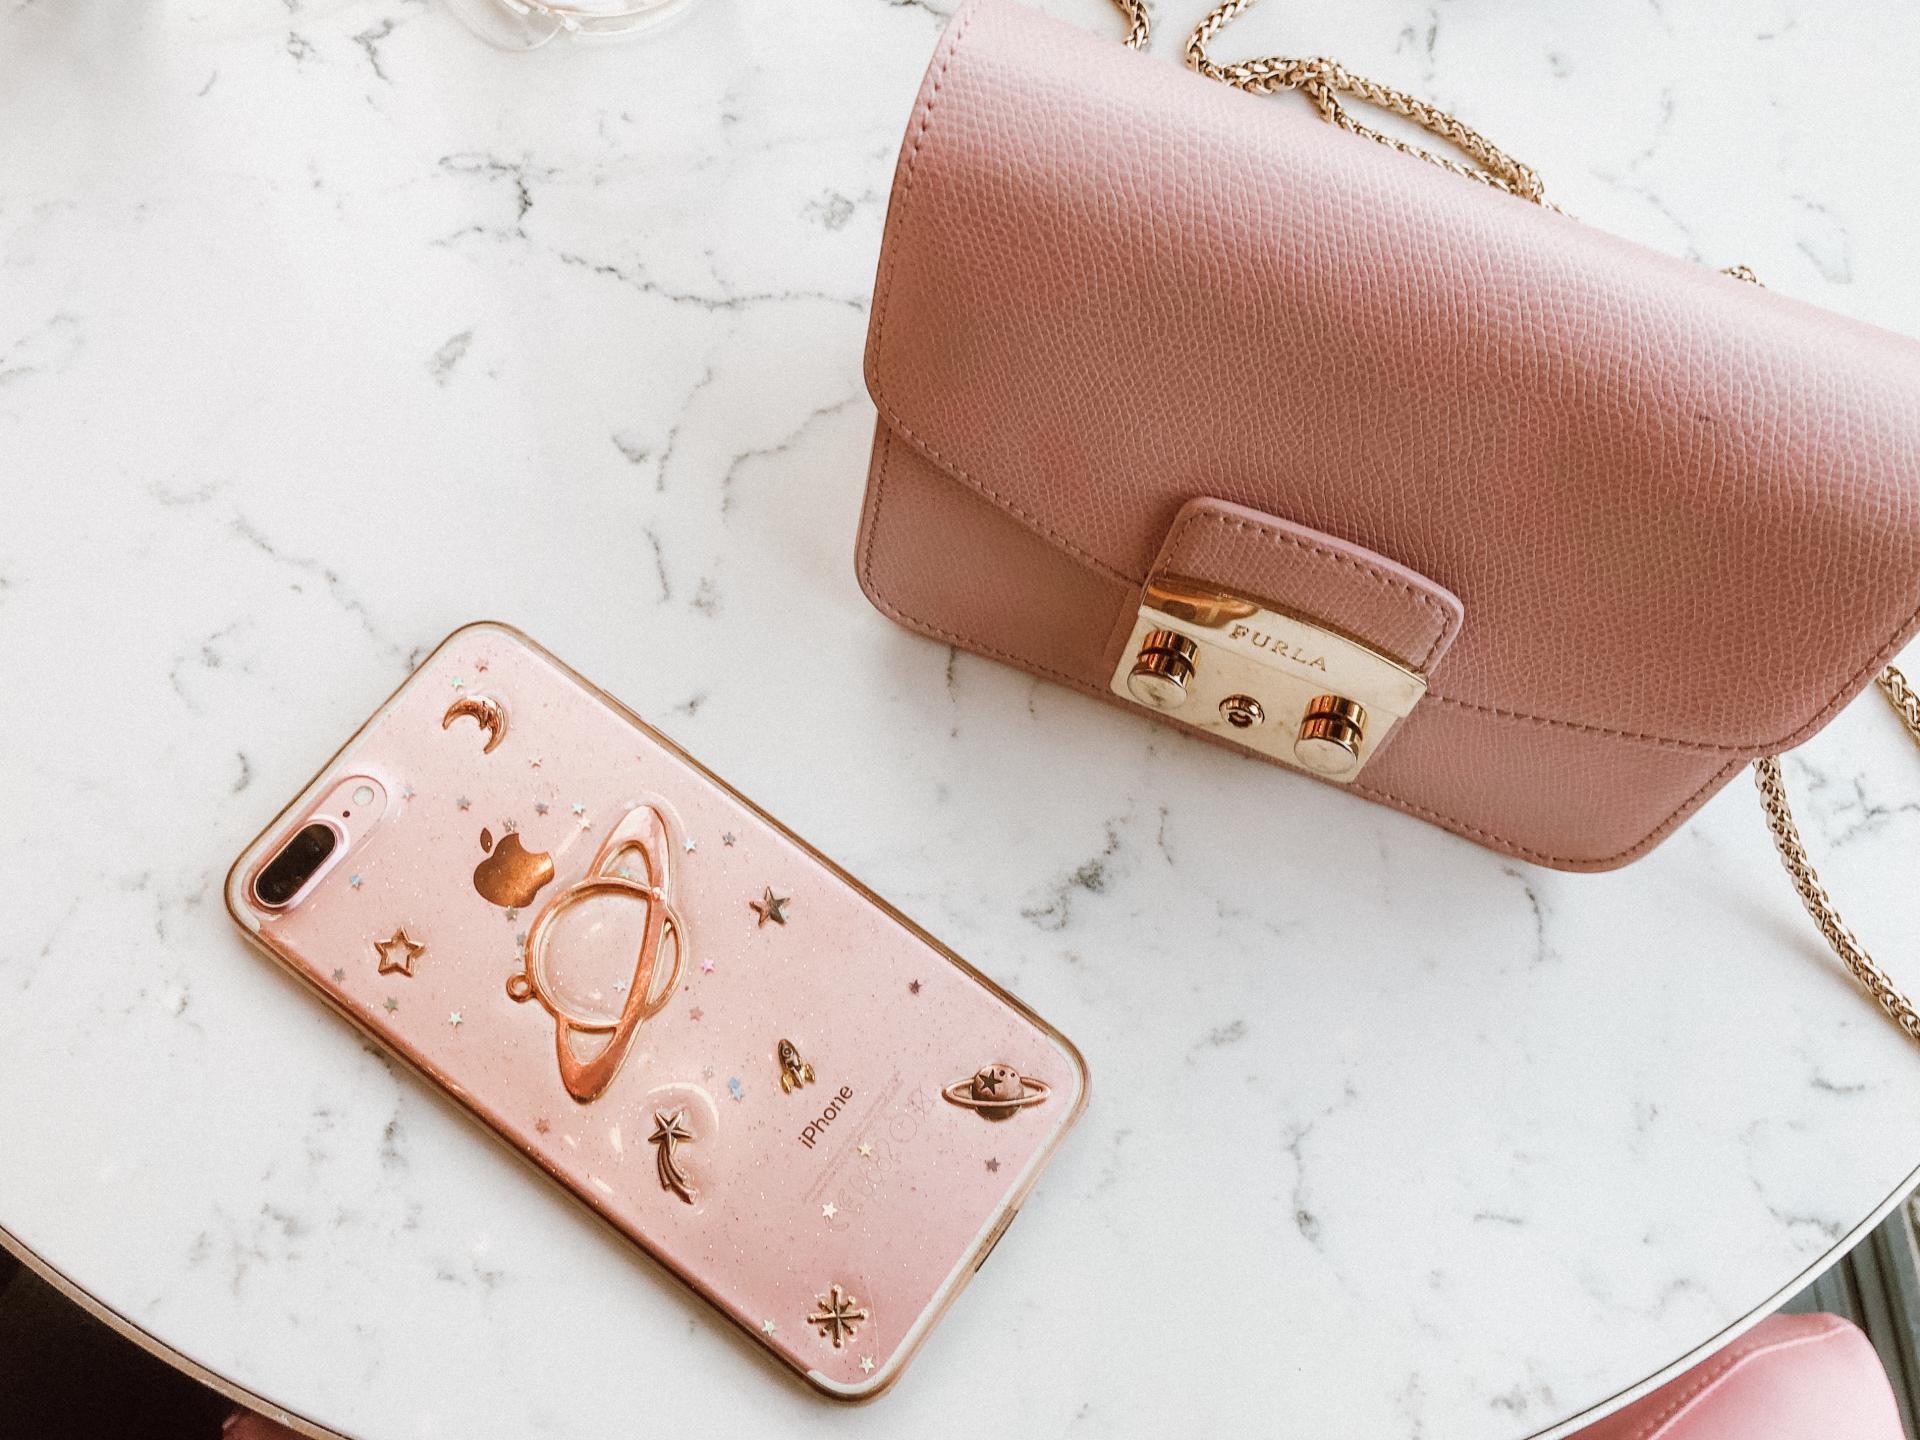 De leukste smartphonehoesjes van het moment